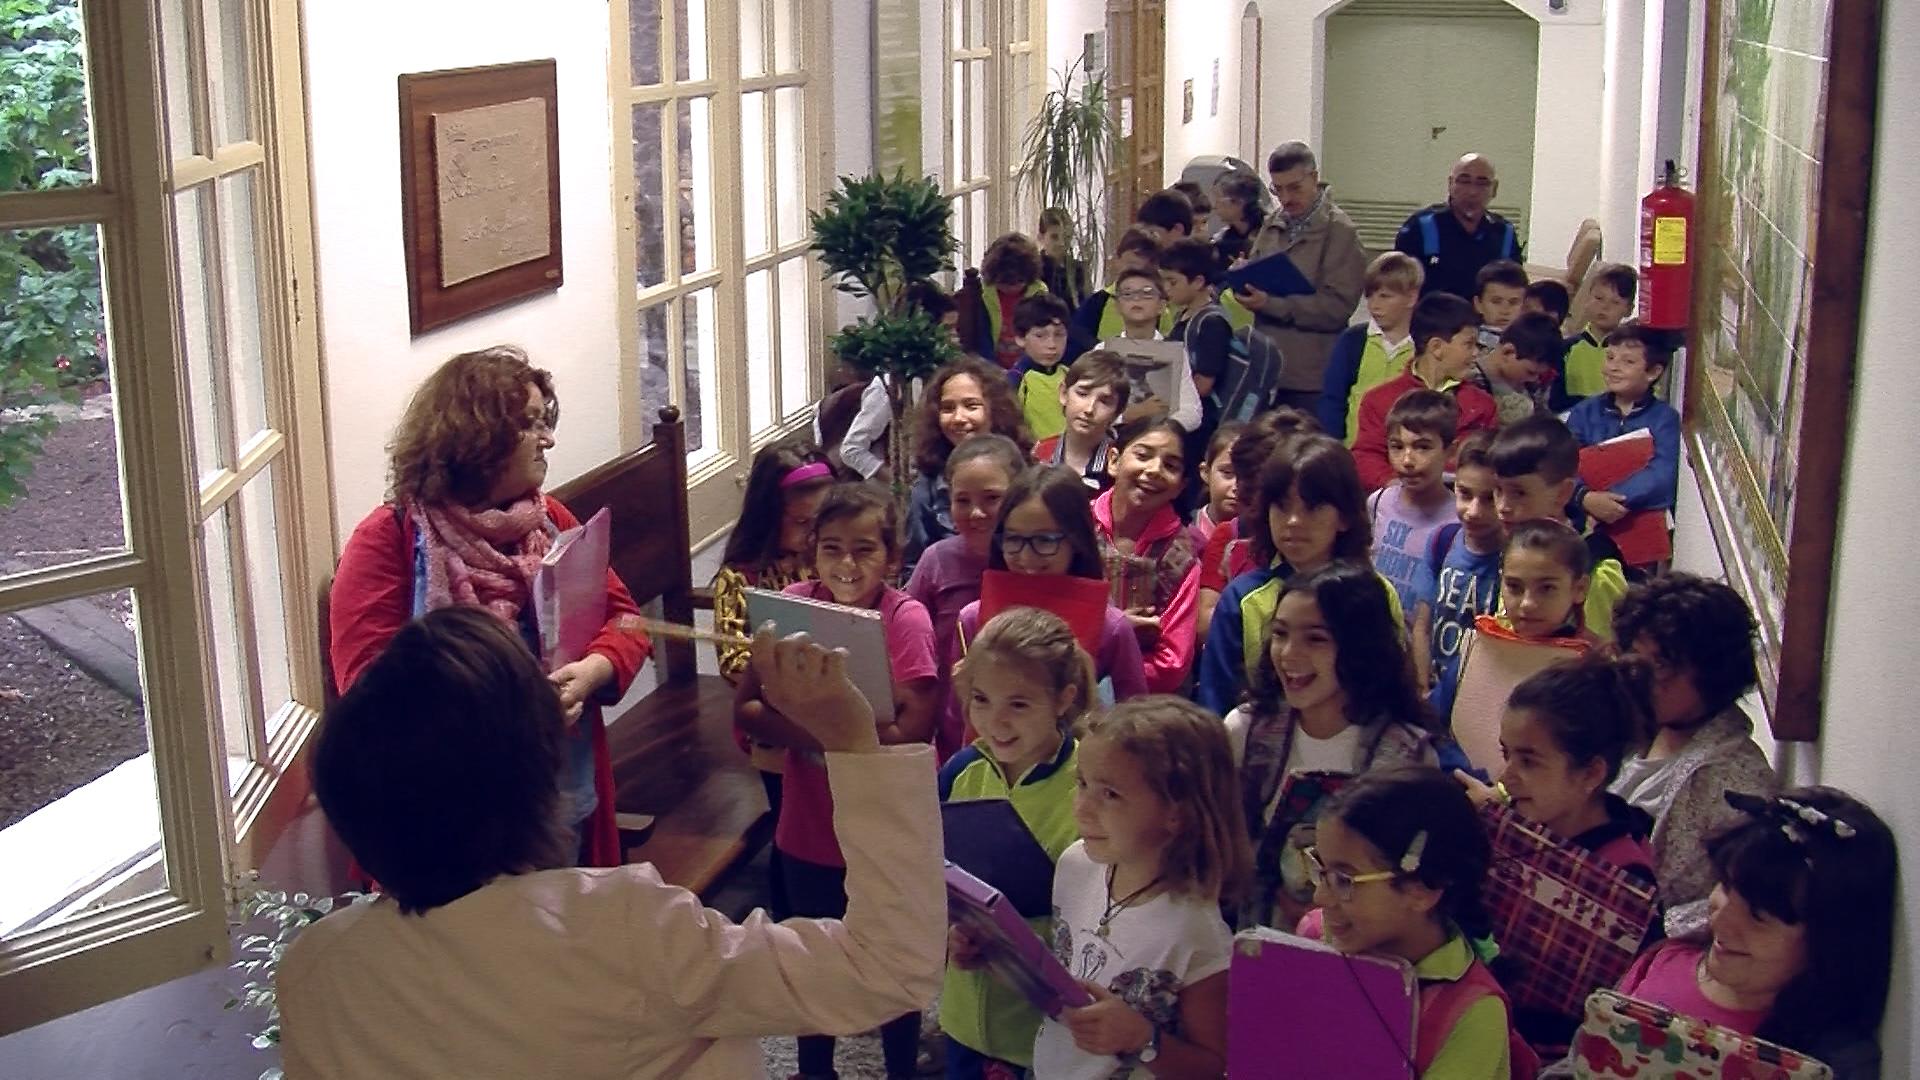 Les Borges està a l'espera que el Departament d'Educació li digui que necessita per a garantir que cap infant quedi desconnectat